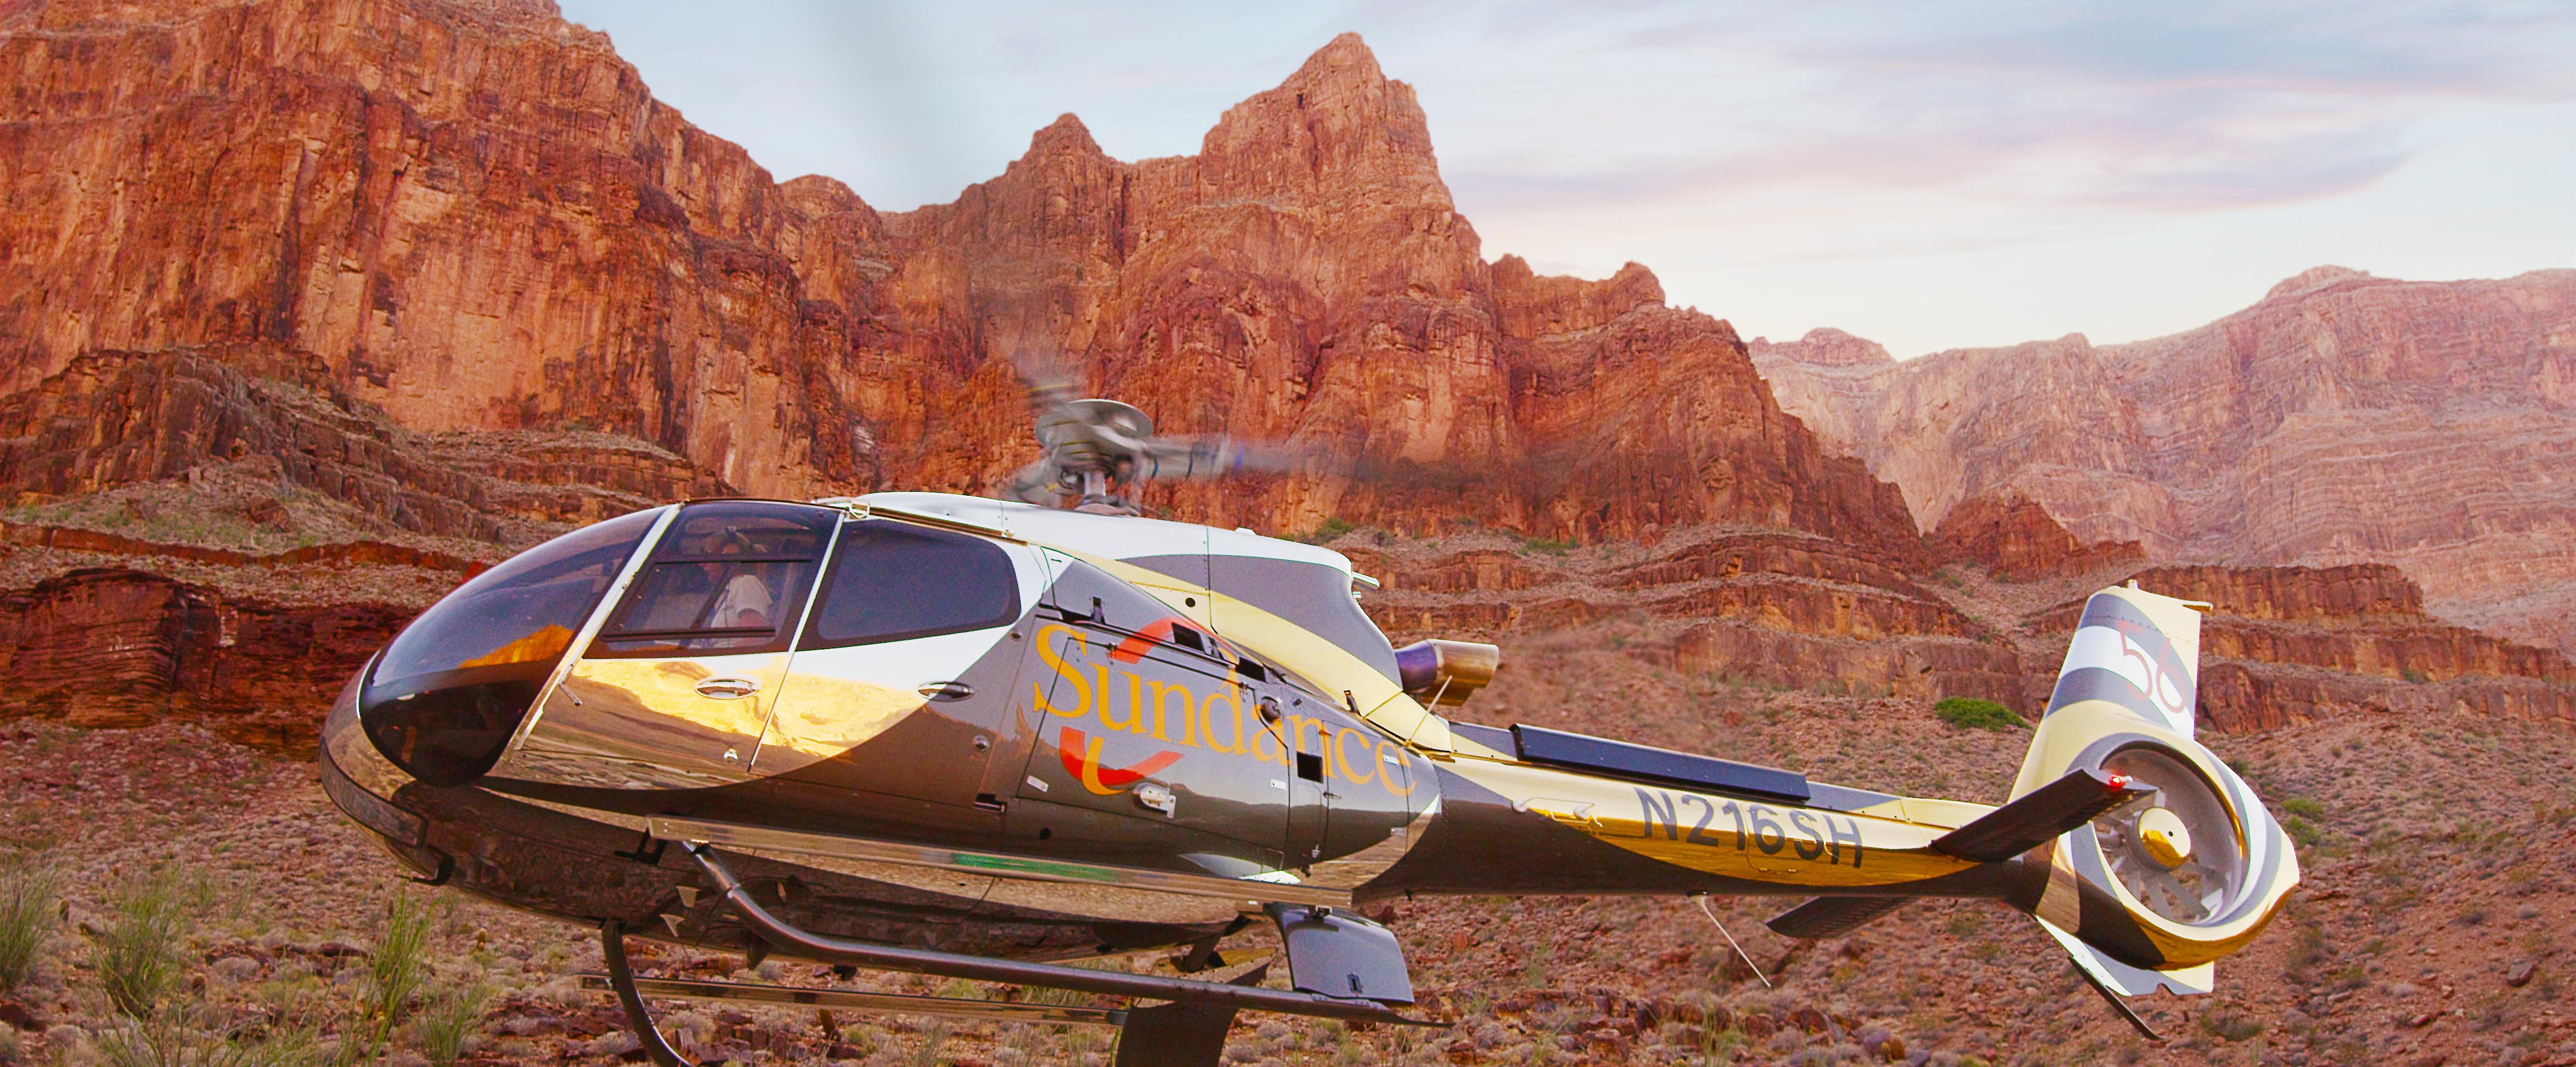 ,Gran Cañón,Grand Canyon,Presa Hoover,Vuelo sobre el Gran Cañón